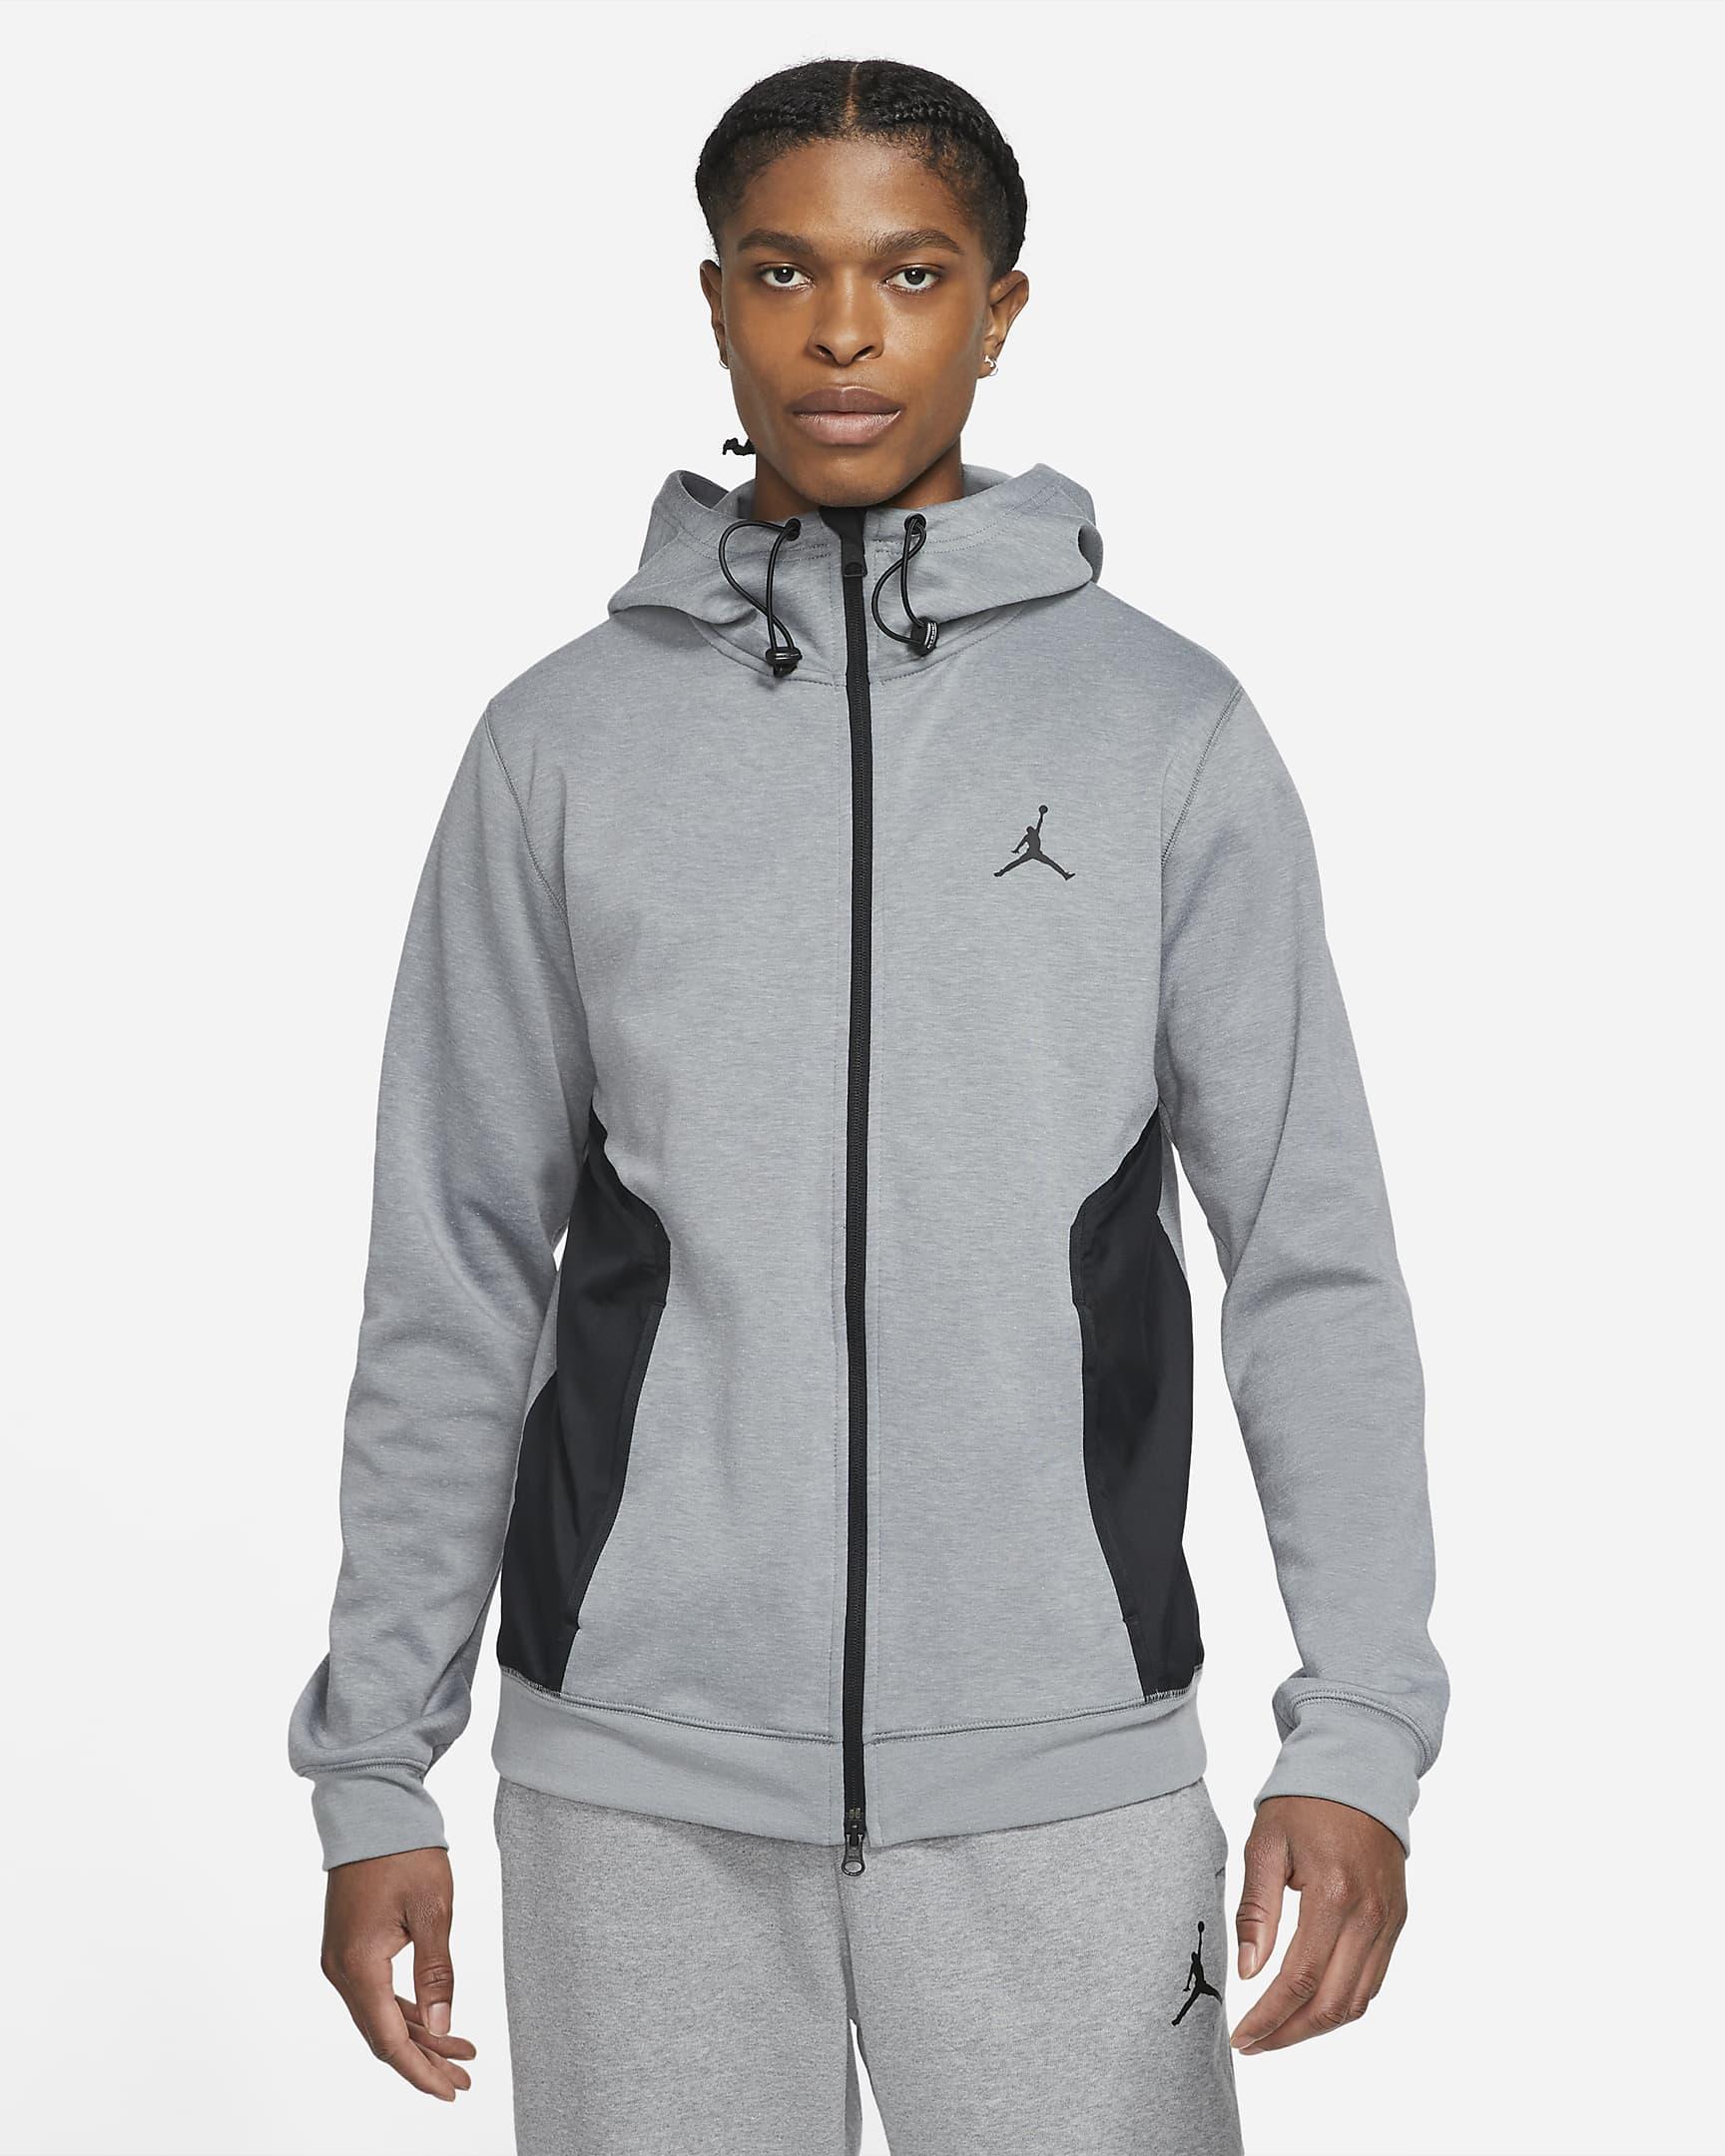 jordan-dri-fit-air-mens-statement-fleece-full-zip-hoodie-pVtTKN.png